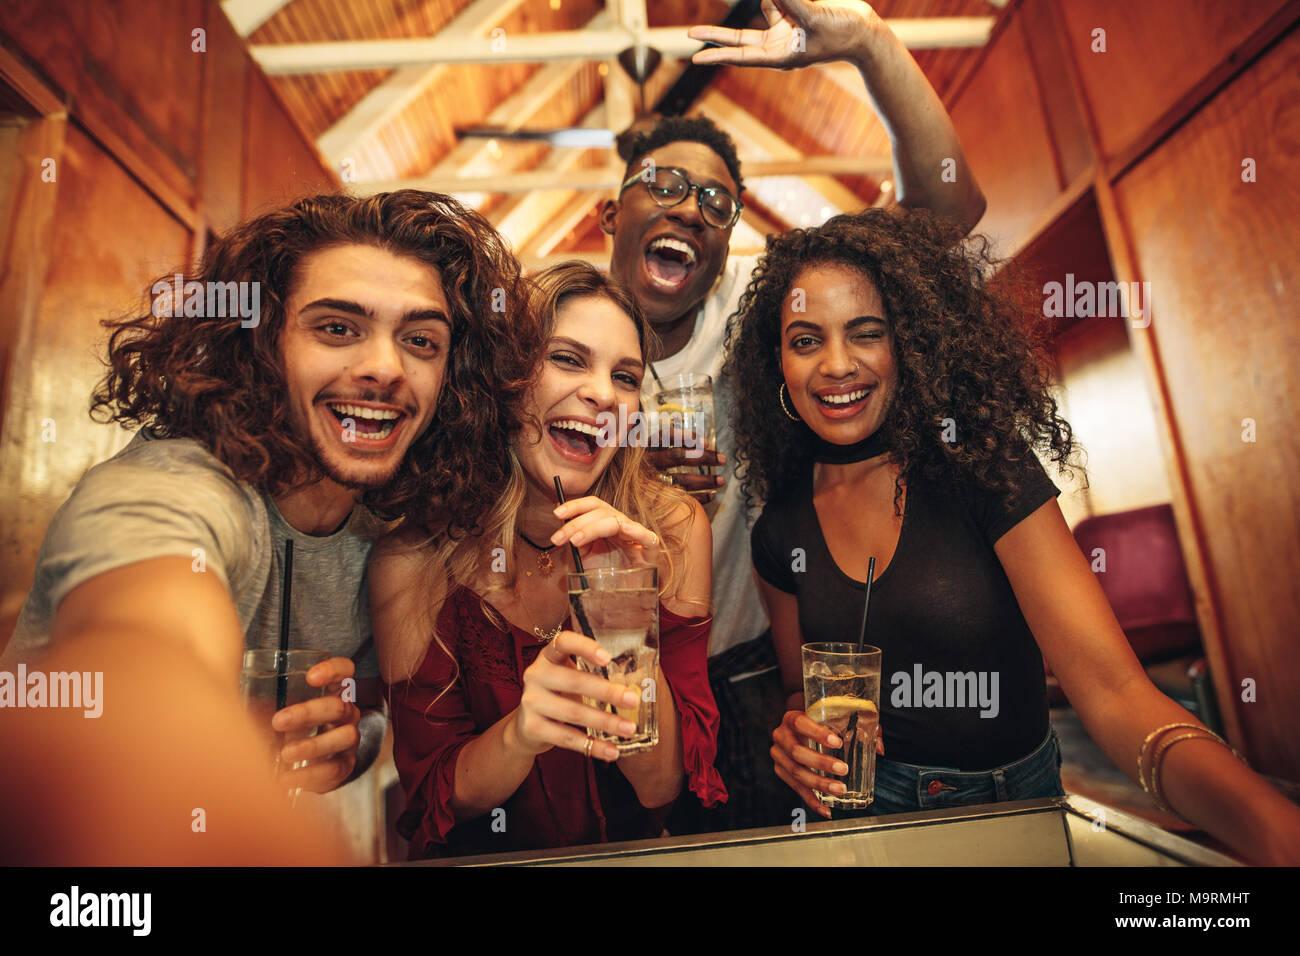 Gruppo di felice giovani amici con bevande raccolte per party in club. Entusiasti di uomini e una donna con drink prendendo selfie durante il party. Immagini Stock